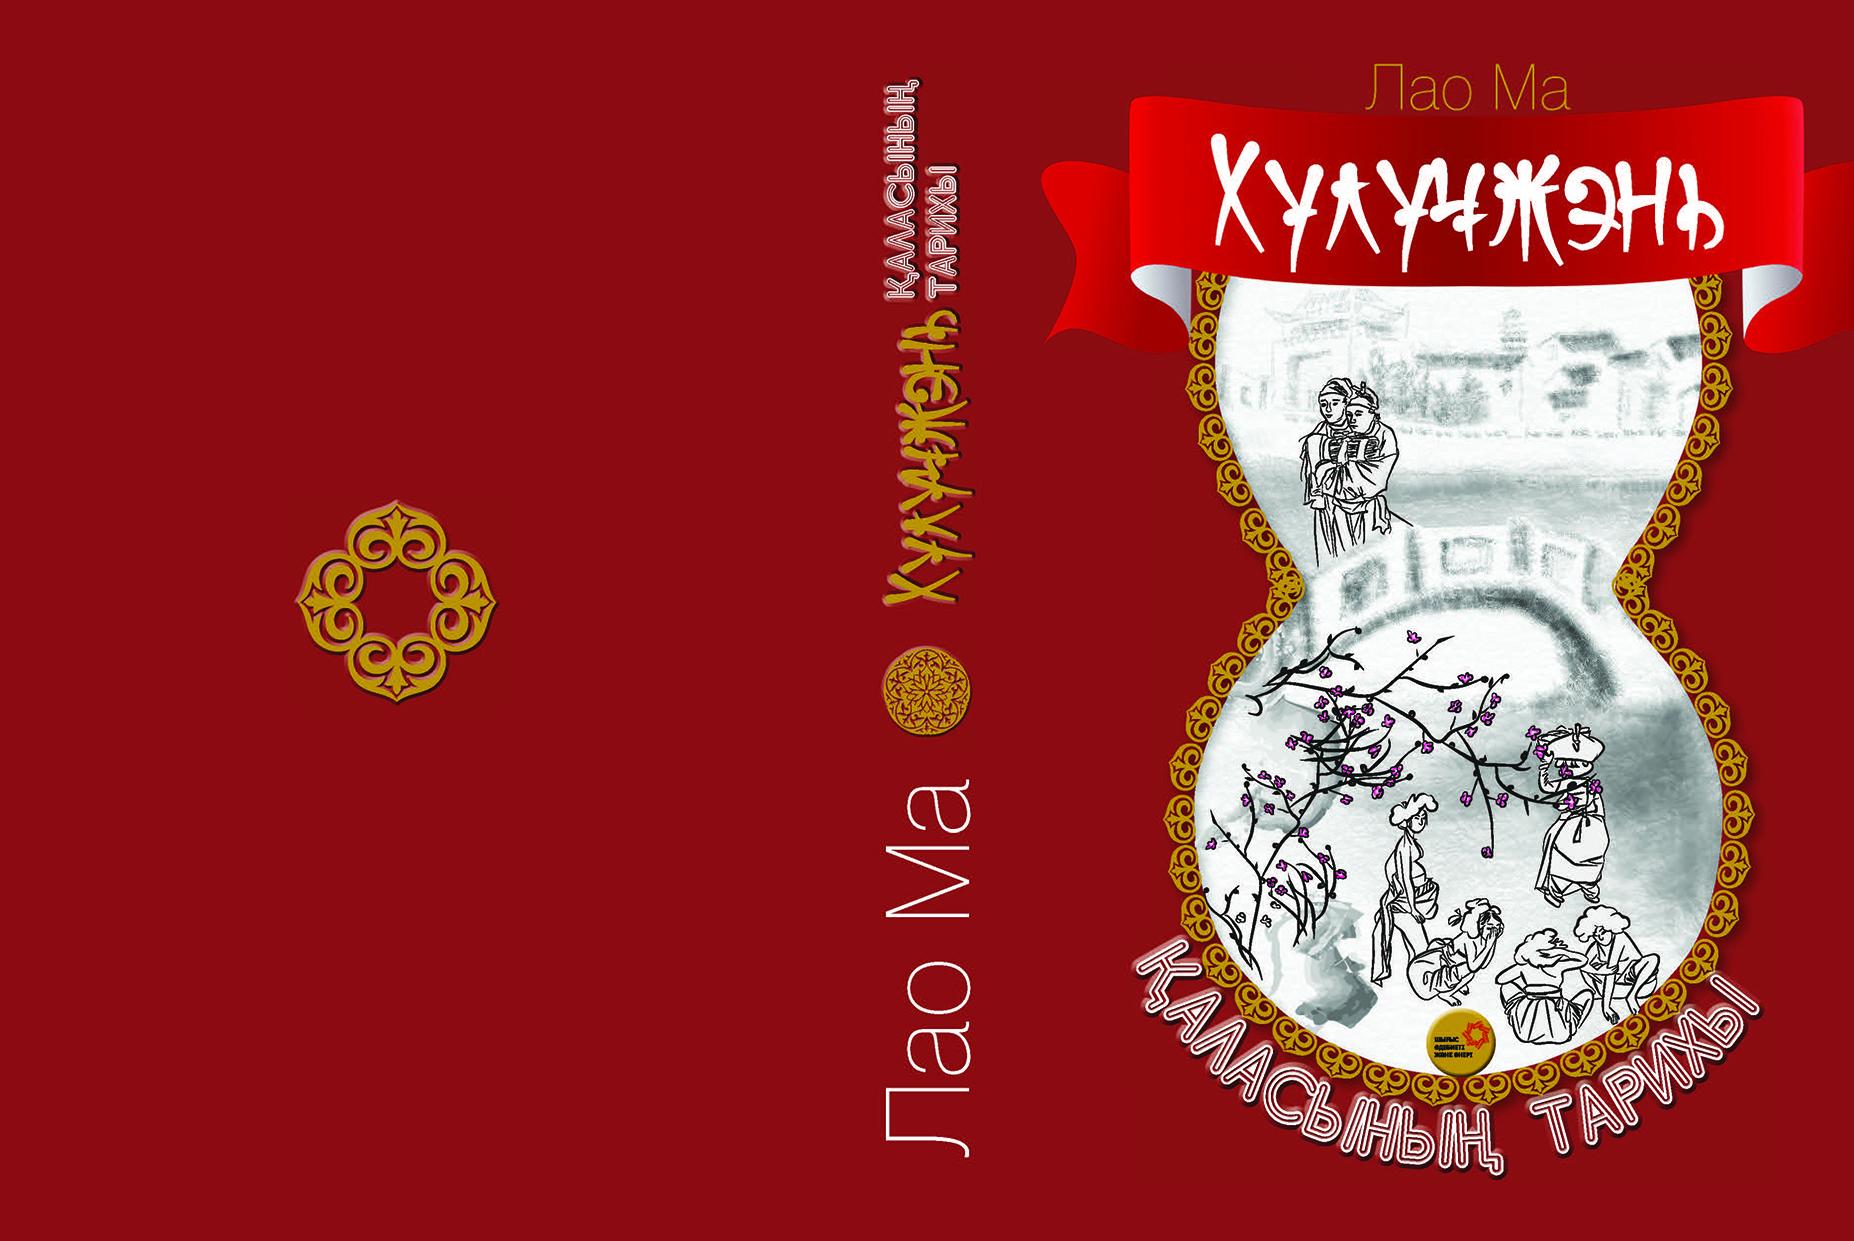 """""""历史悠久的城市Huluzhen on kz"""".  Book. Cover. U-turn"""